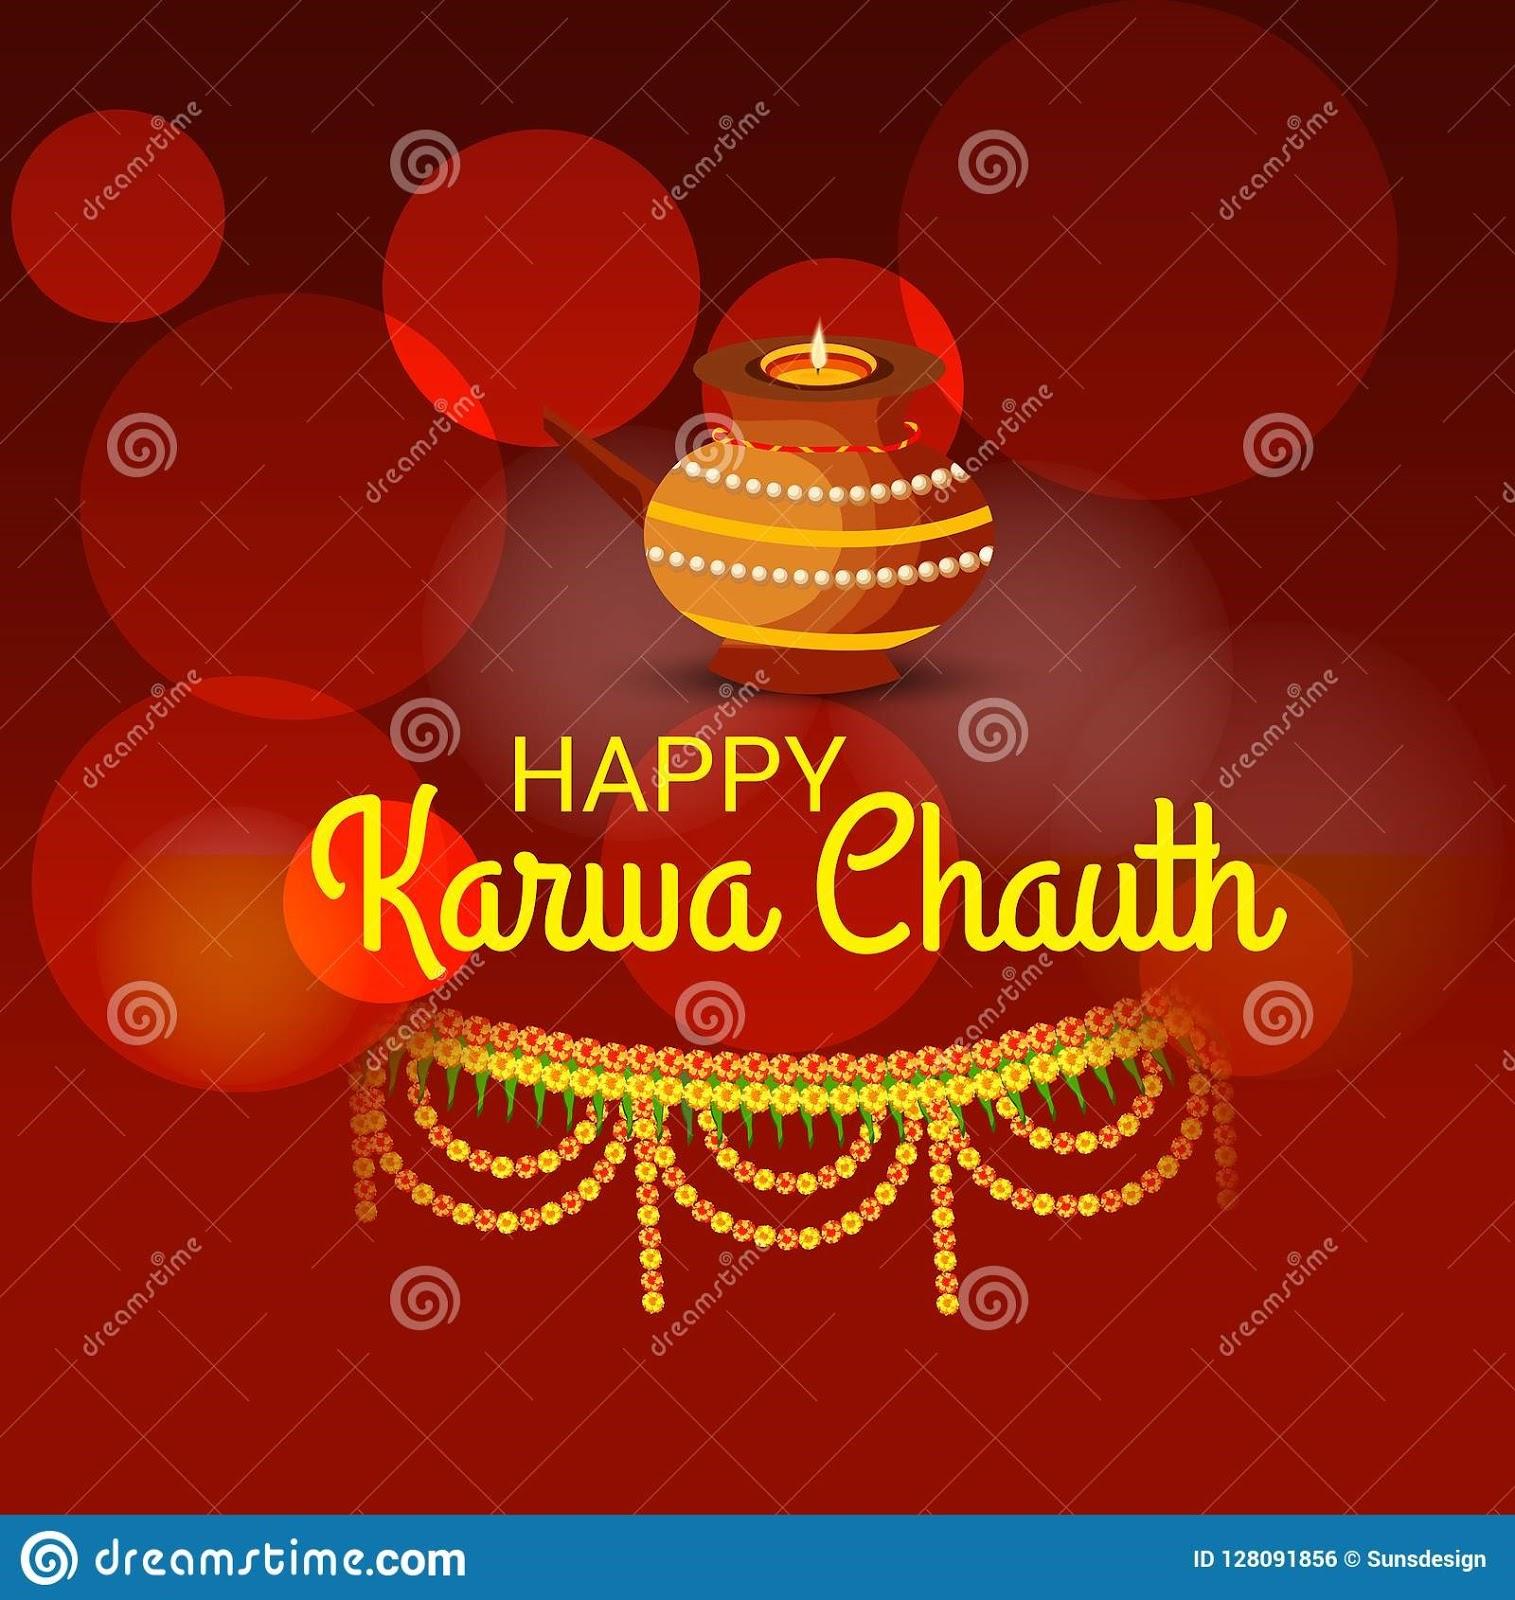 happy karwa chauth image